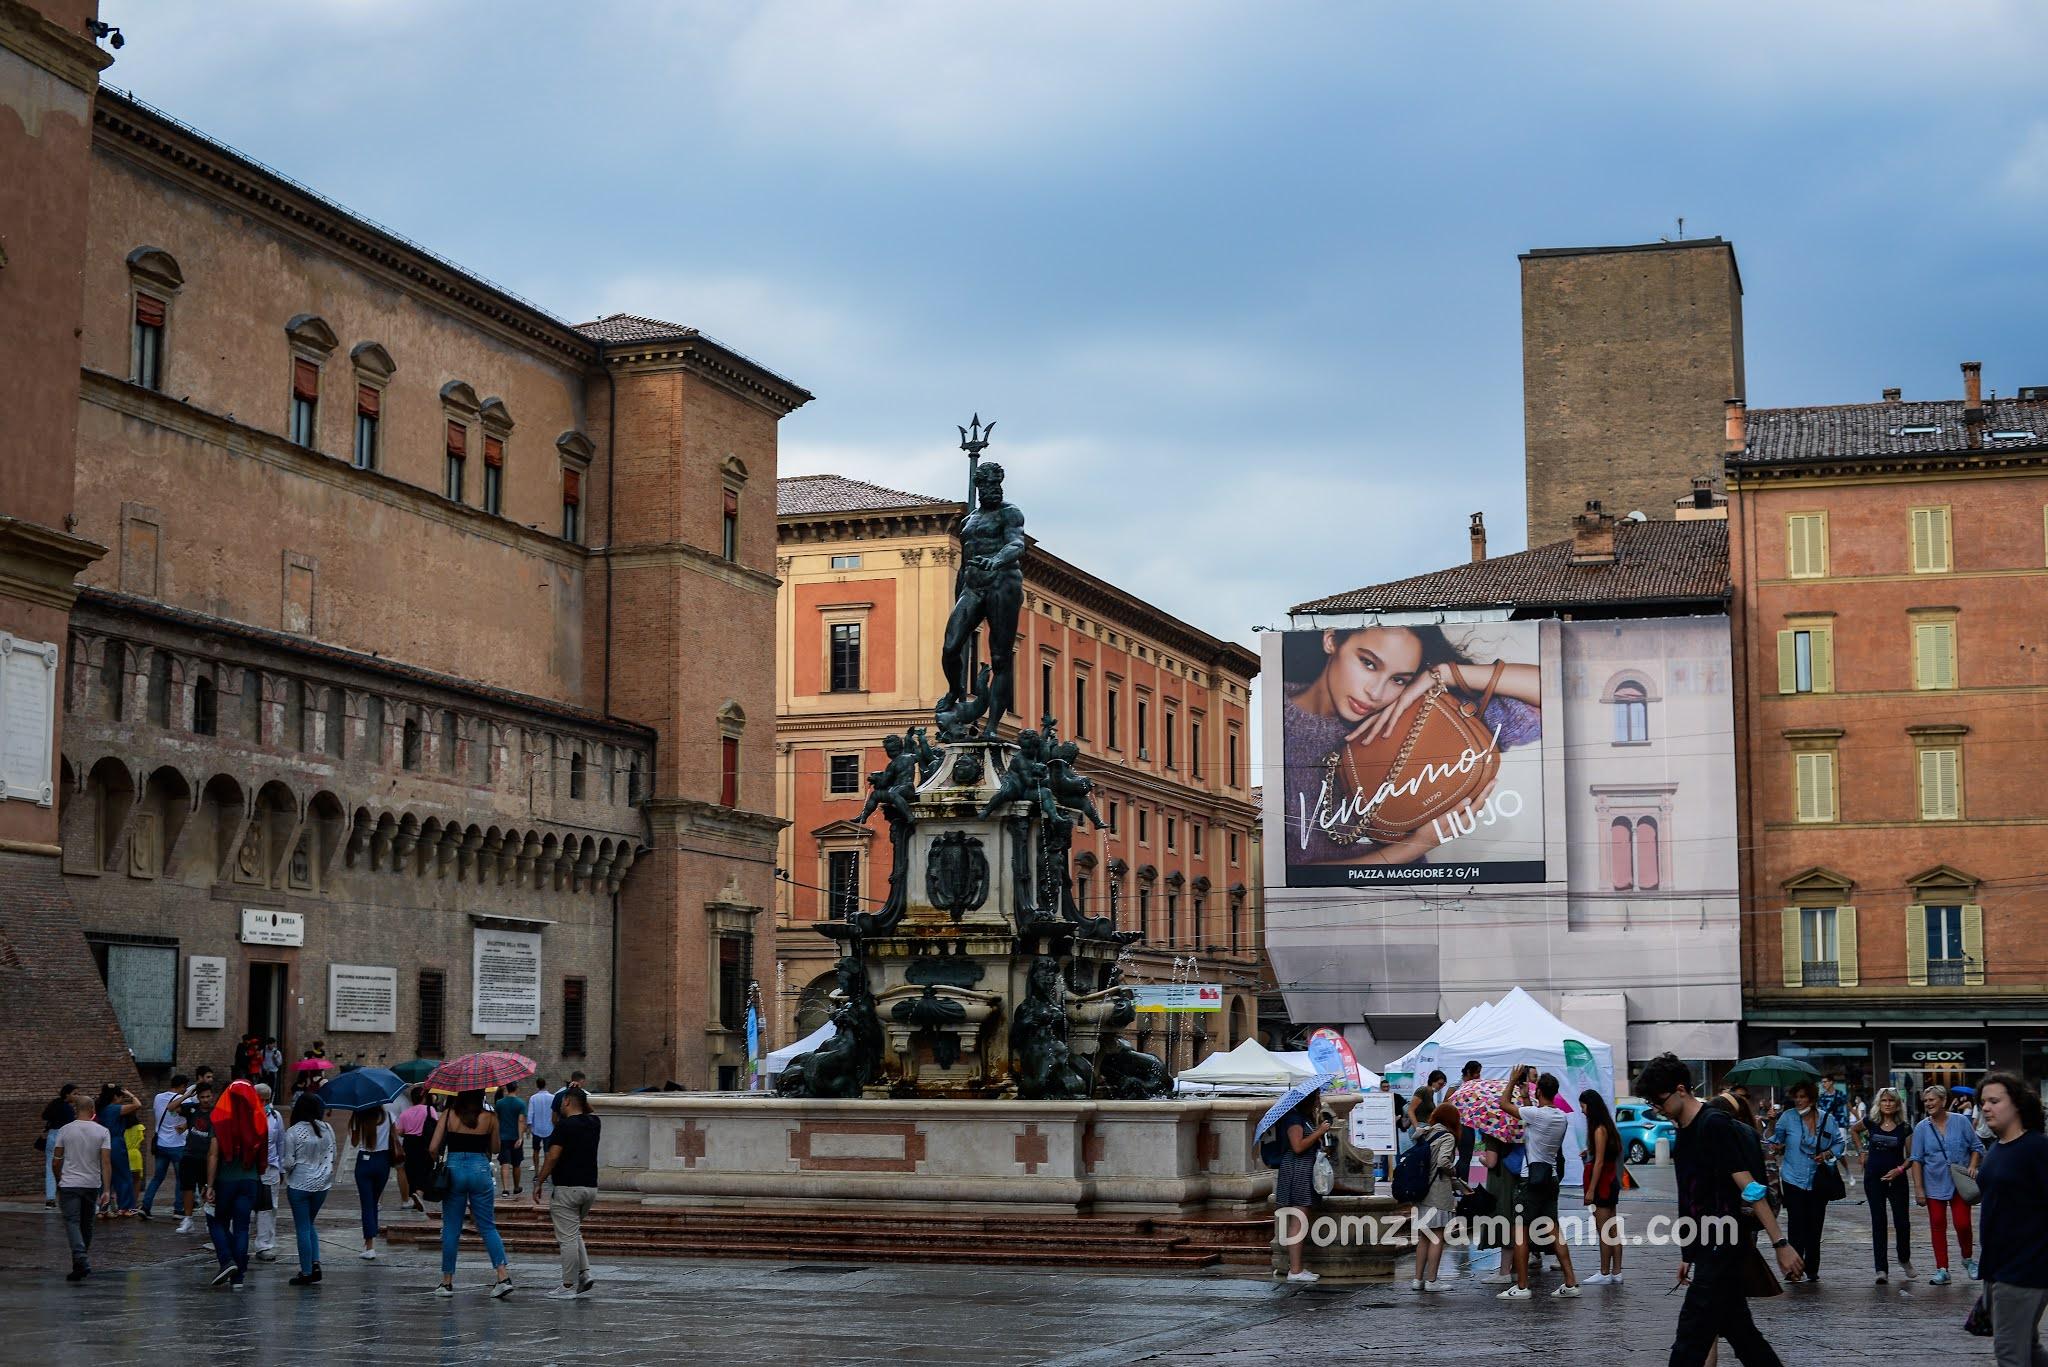 Bologna Piazza Maggiore, Dom z Kamienia blog